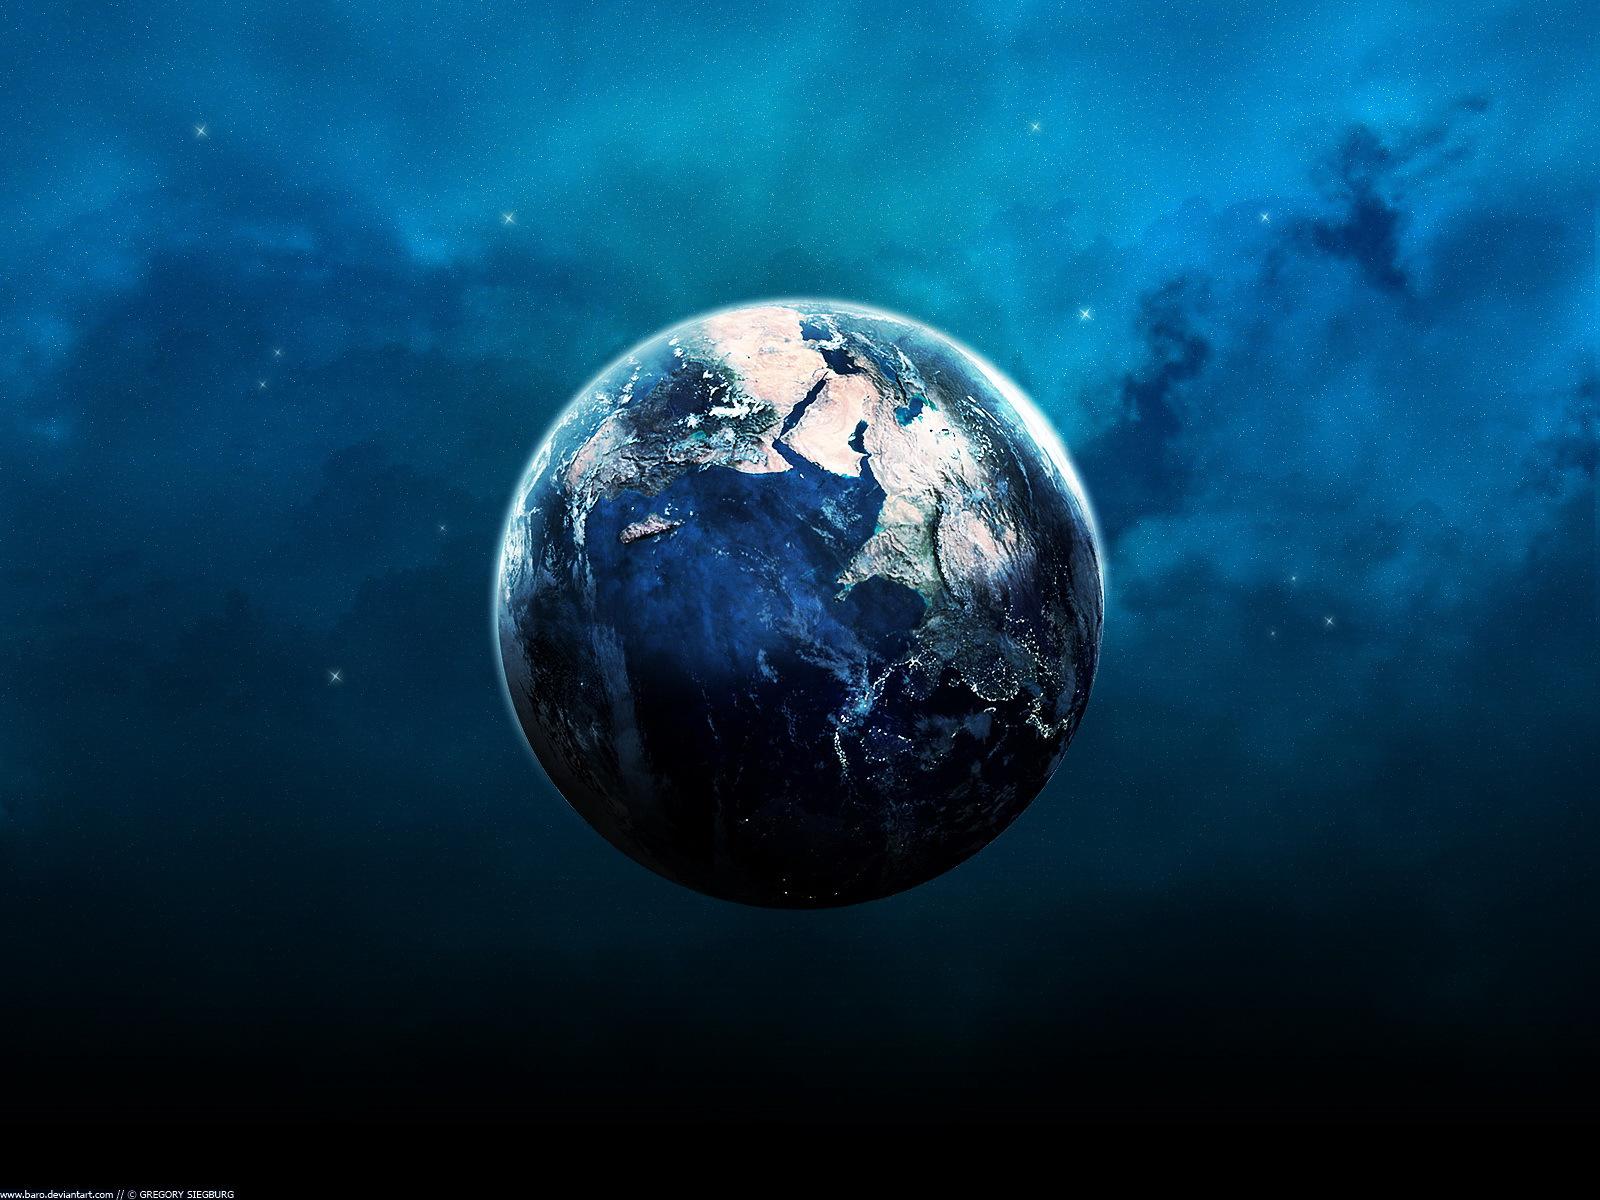 снимки со спутника 2015 год